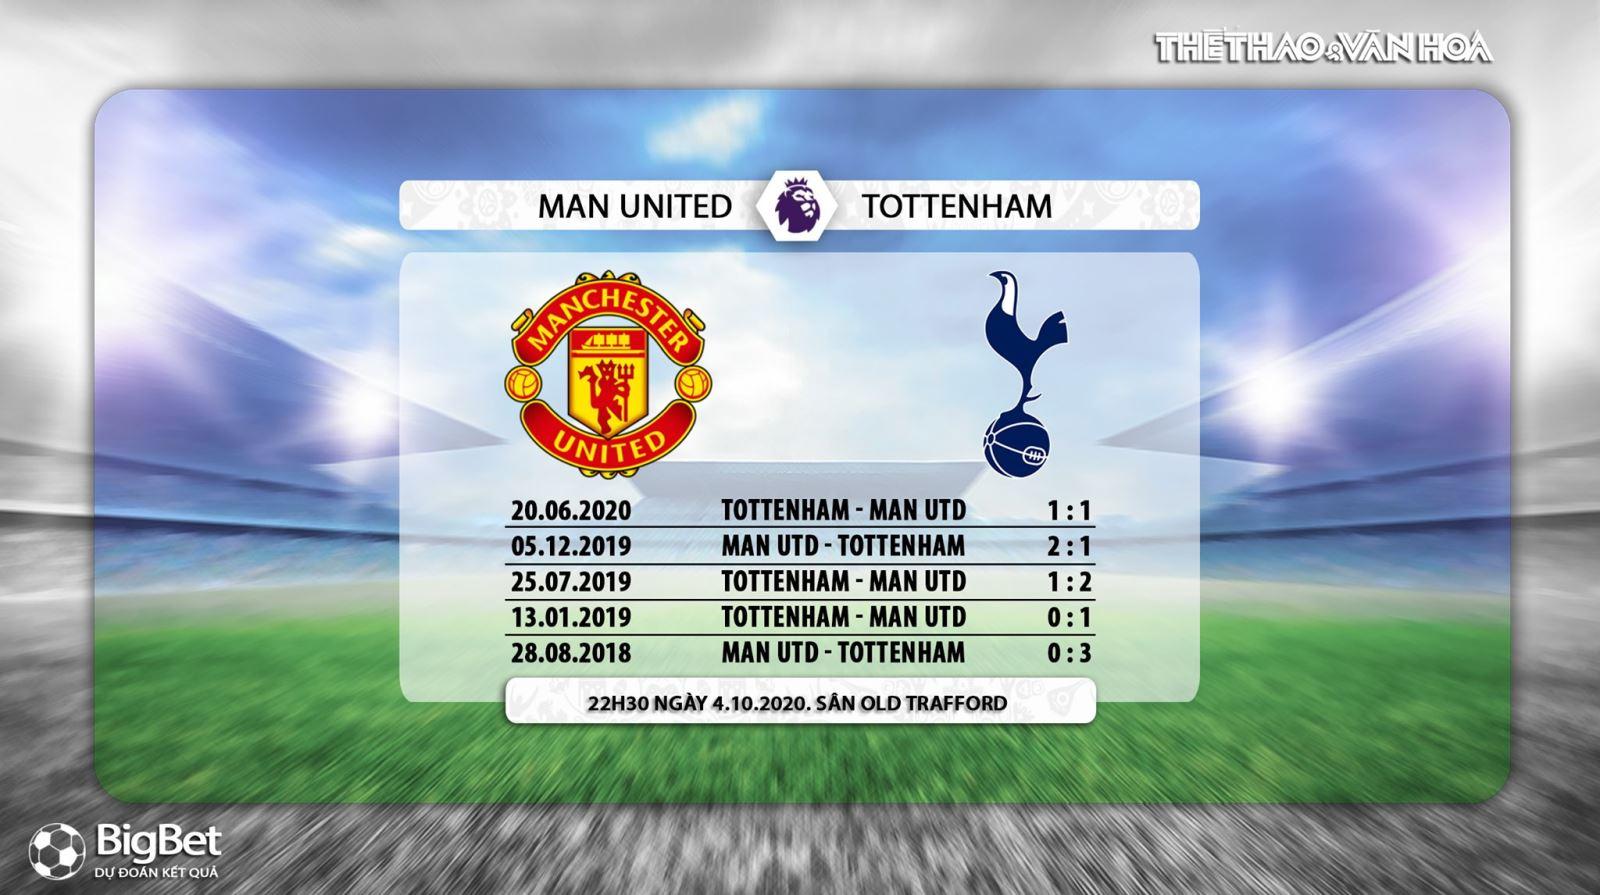 Trực tiếp MU vs Tottenham, Trực tiếp bóng đá, Ngoại hạng Anh, K+PM trực tiếp, xem trực tiếp bóng đá MU đấu với Tottenham, trực tiếp bóng đá Anh hôm nay, JK+PM